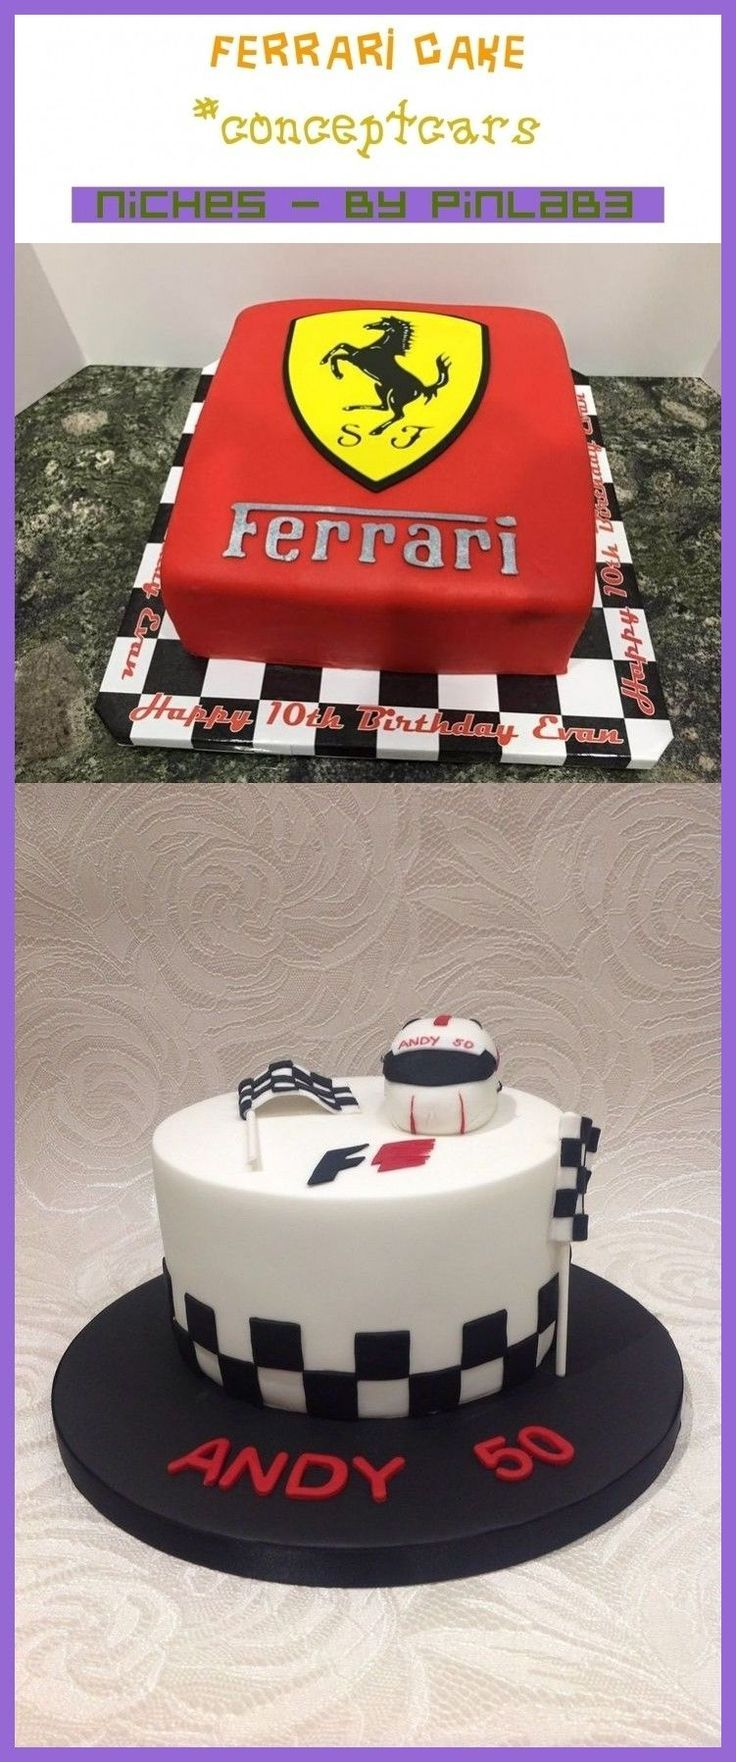 Ferrari Cake Concept Cars